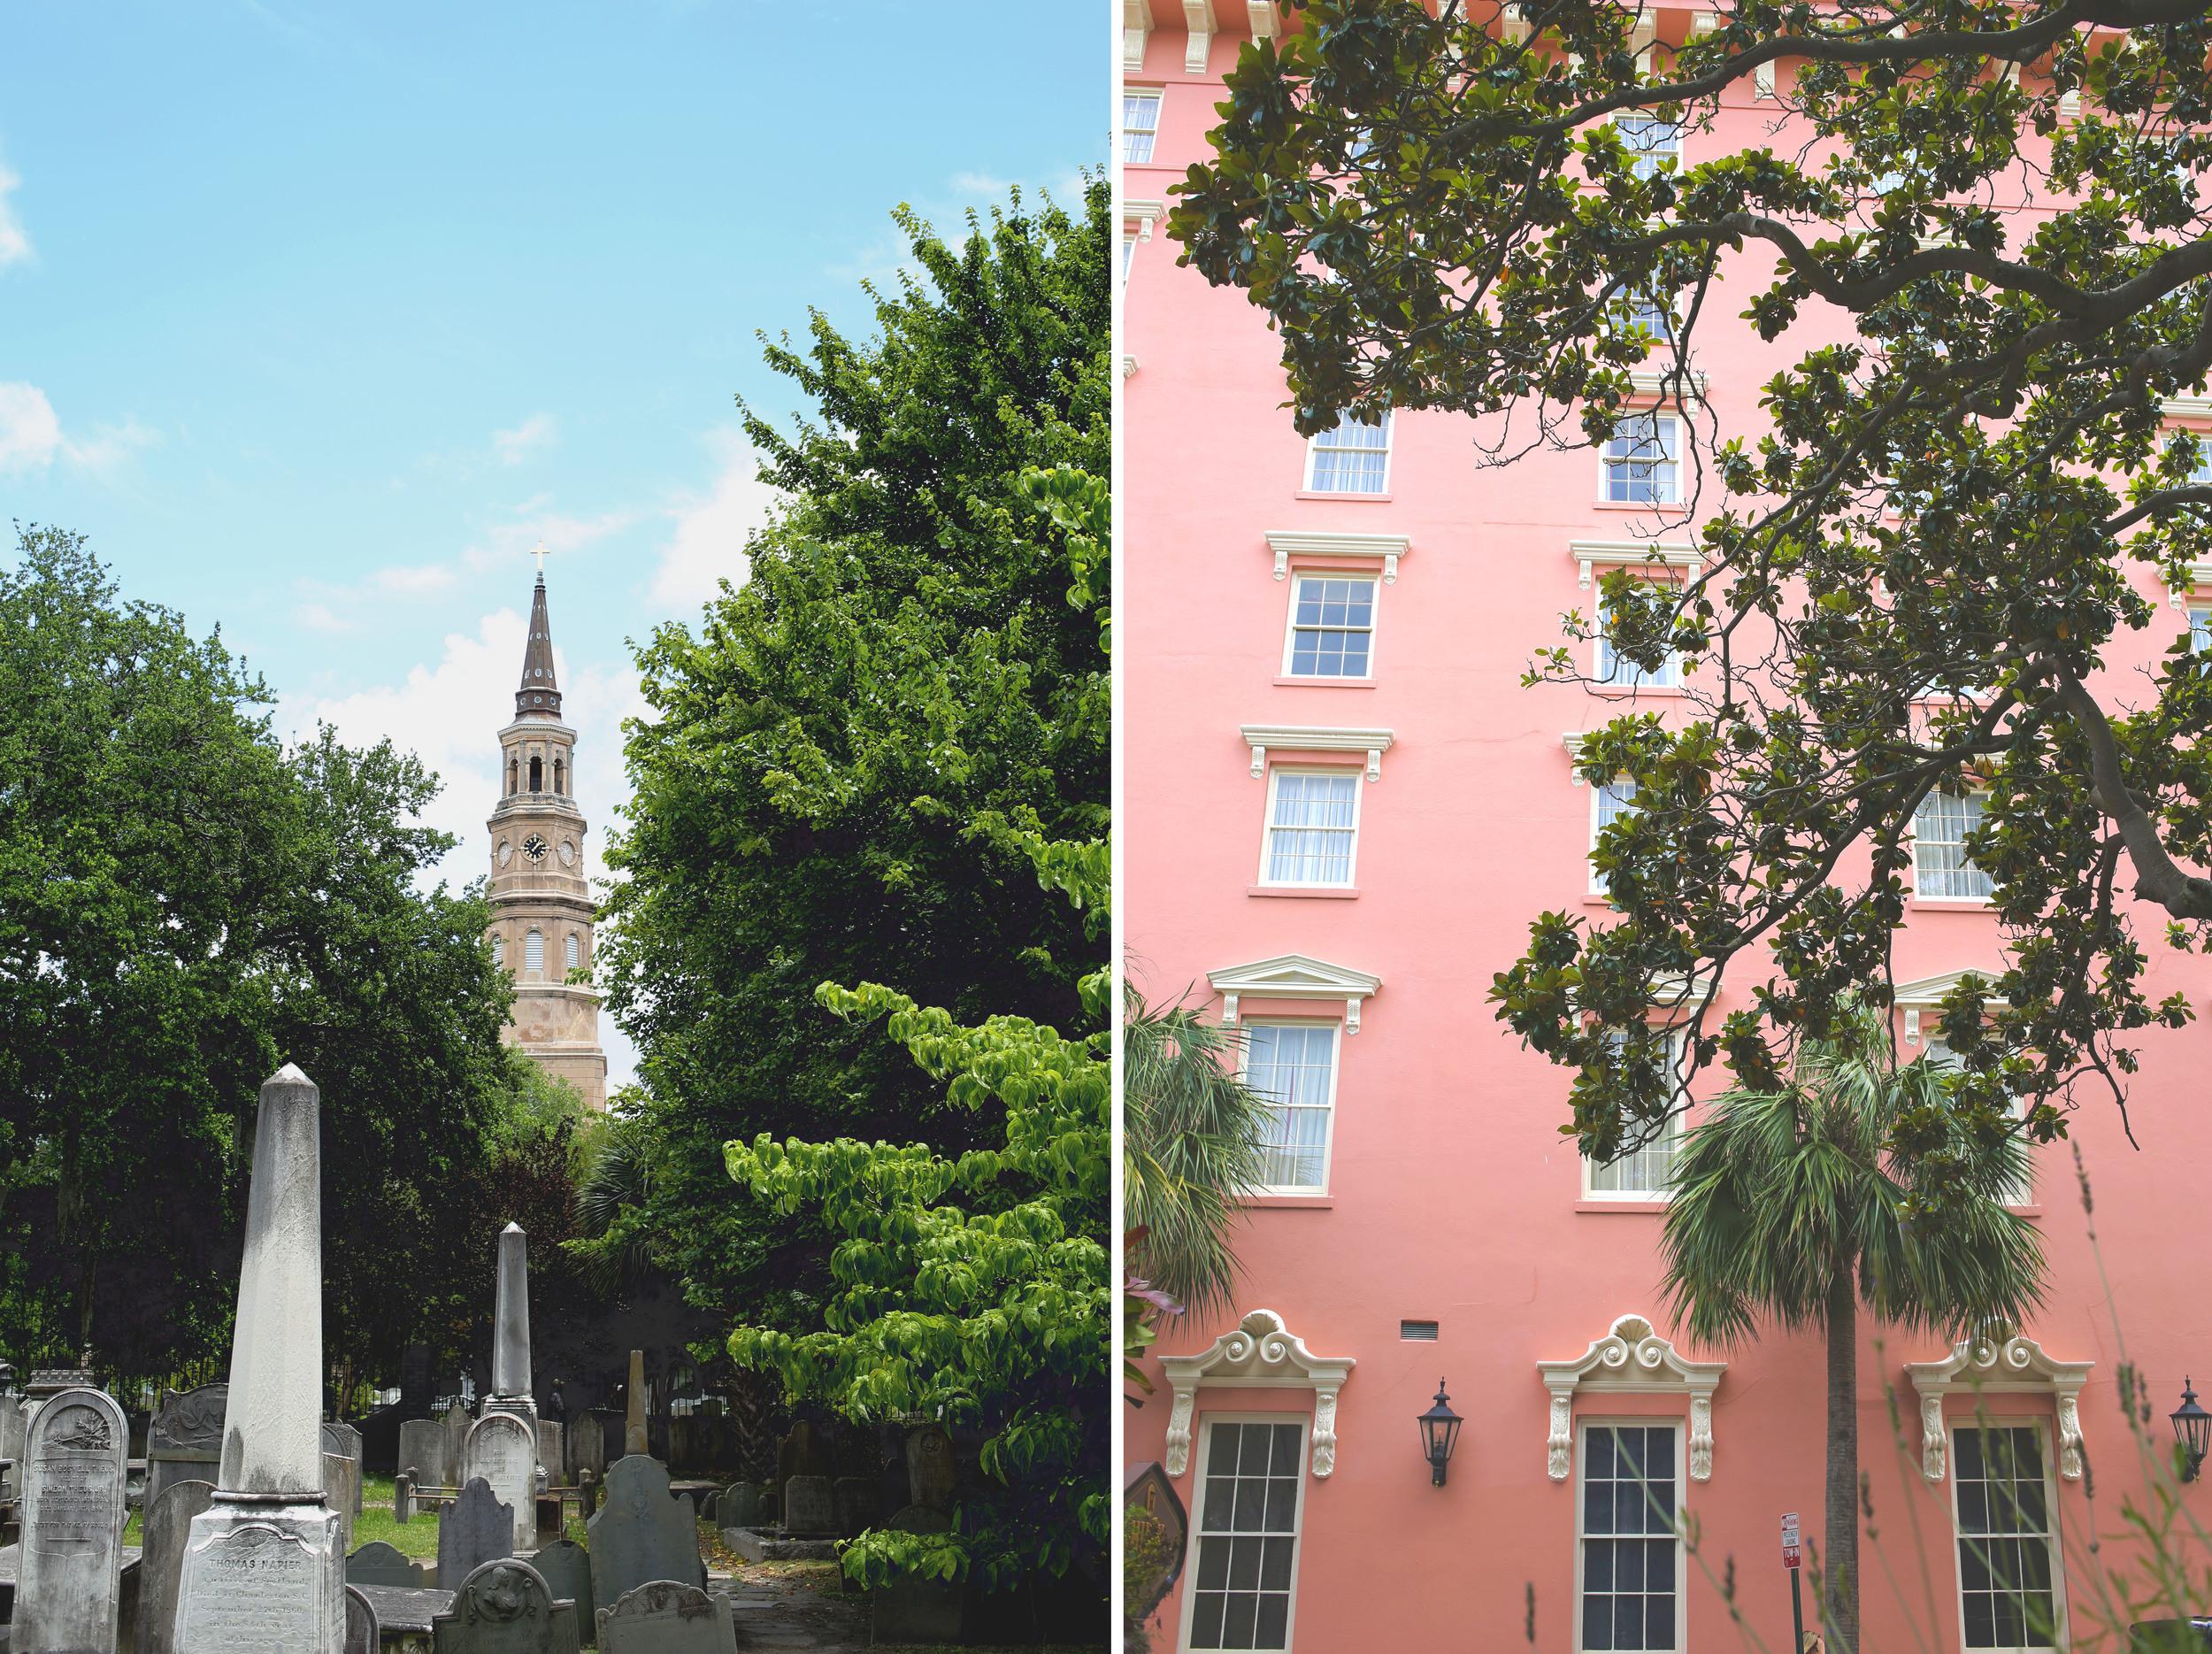 CharlestonArchitecture_.jpg